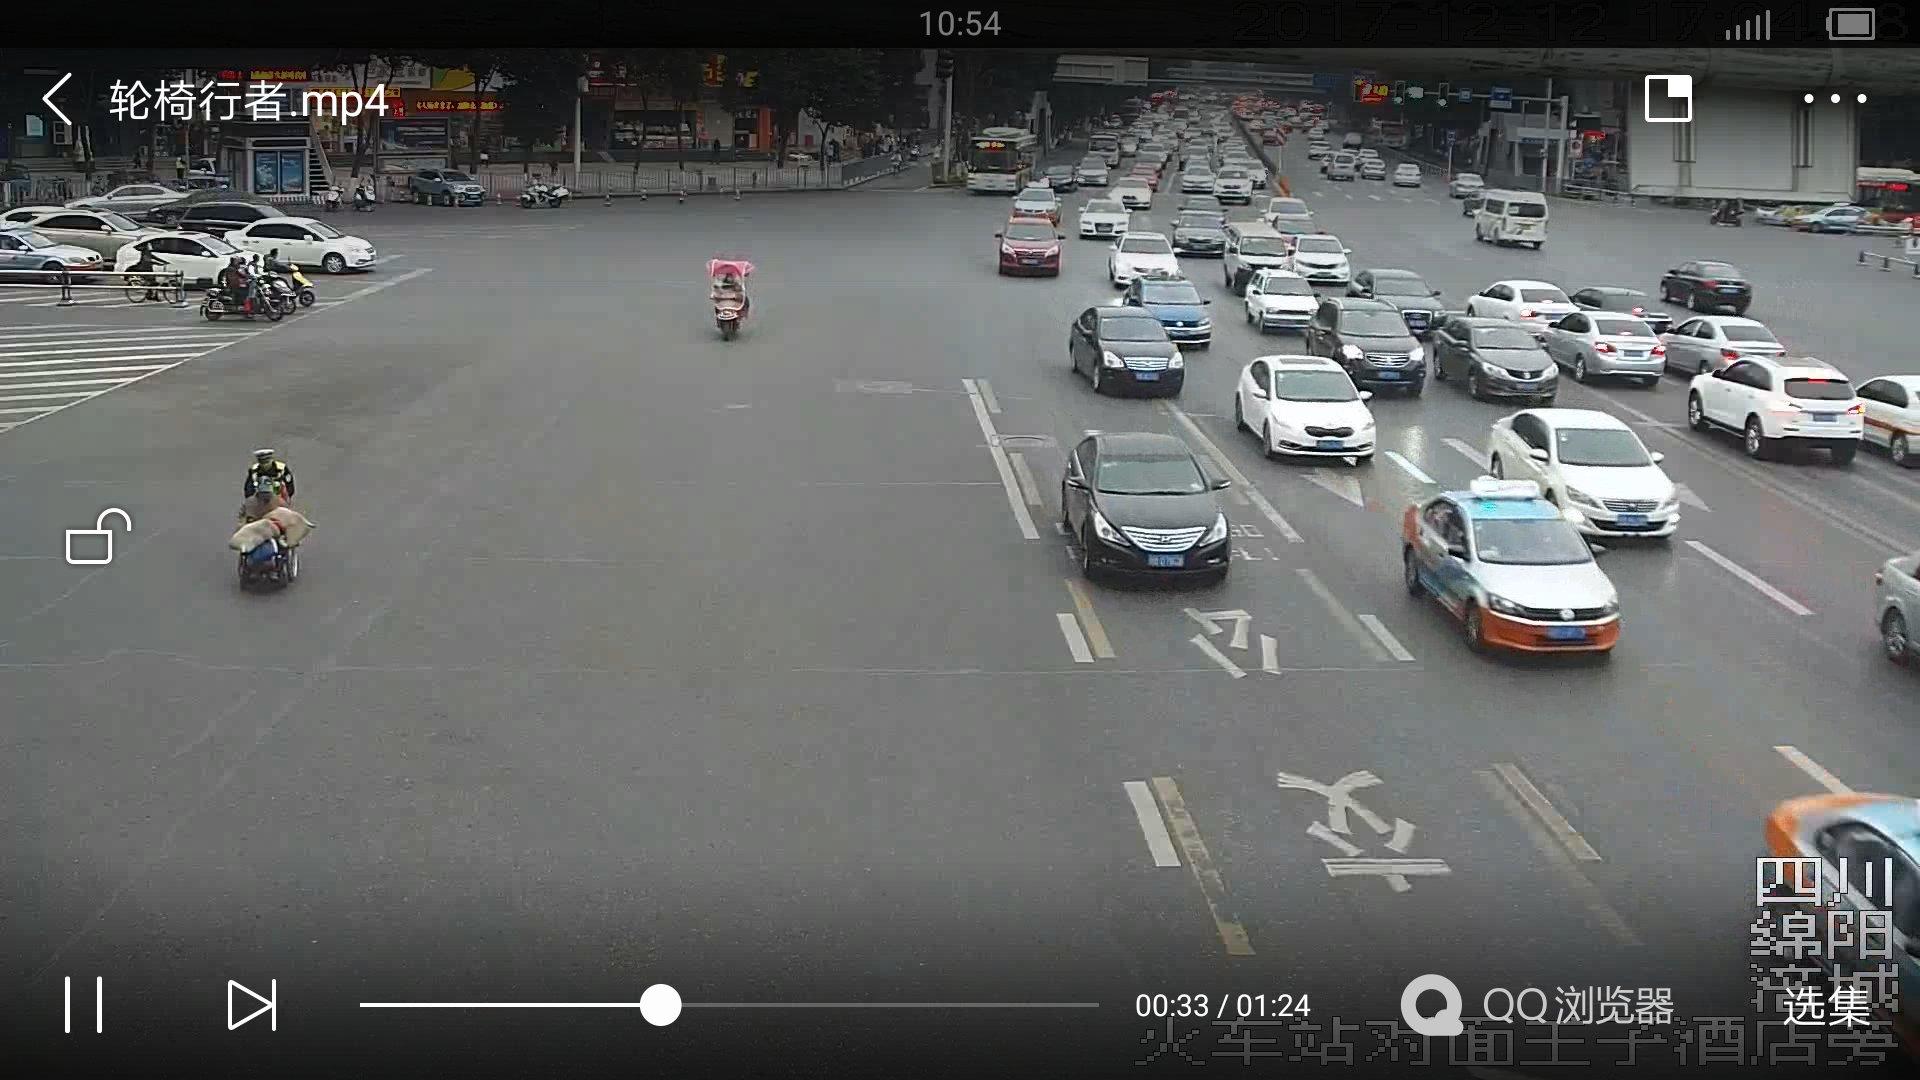 绵阳辅警推残疾人过街还要给他钱 执法仪记录全过程